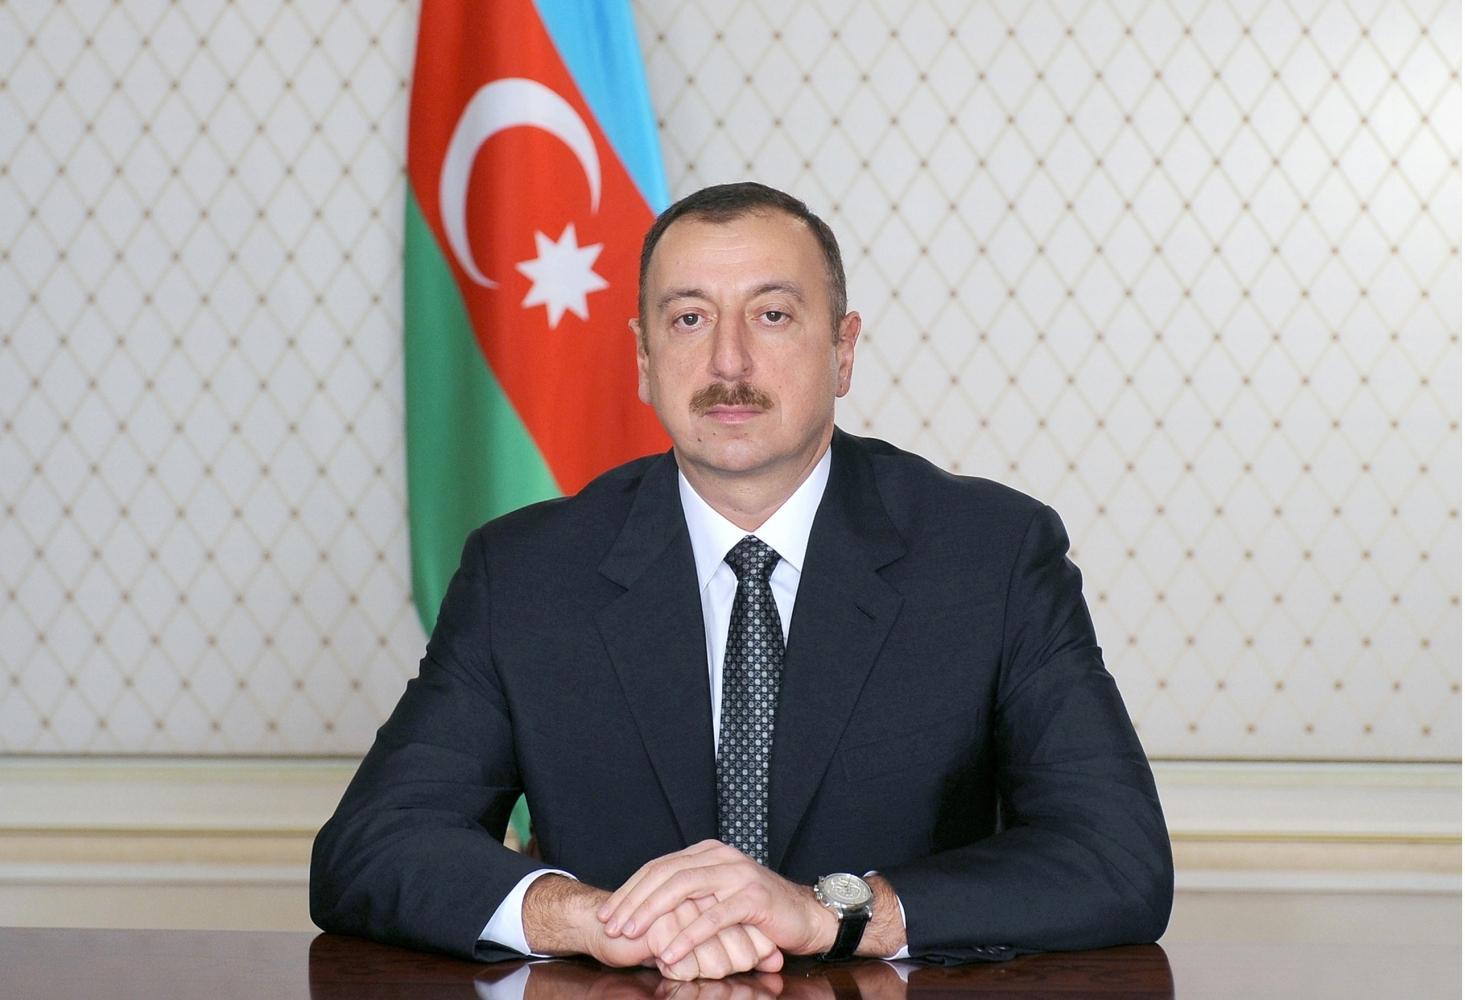 Azərbaycan Prezidenti Çex Respublikasının dövlət başçısını təbrik edib